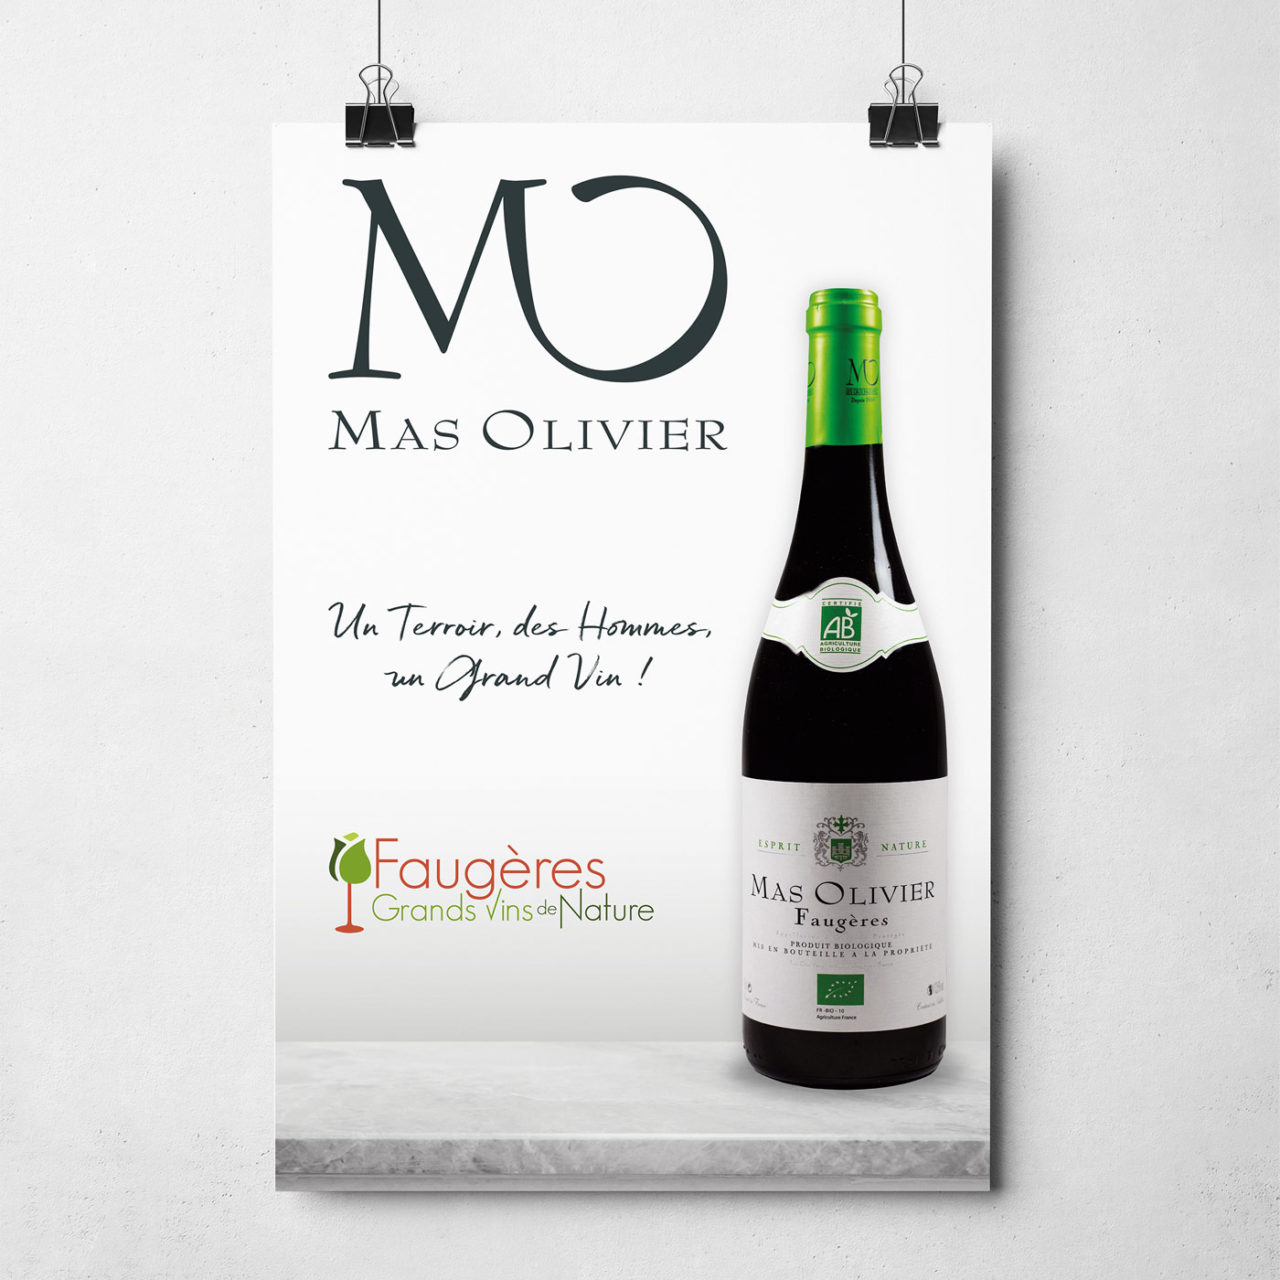 Création graphique Affiche Mas Olivier à Faugères